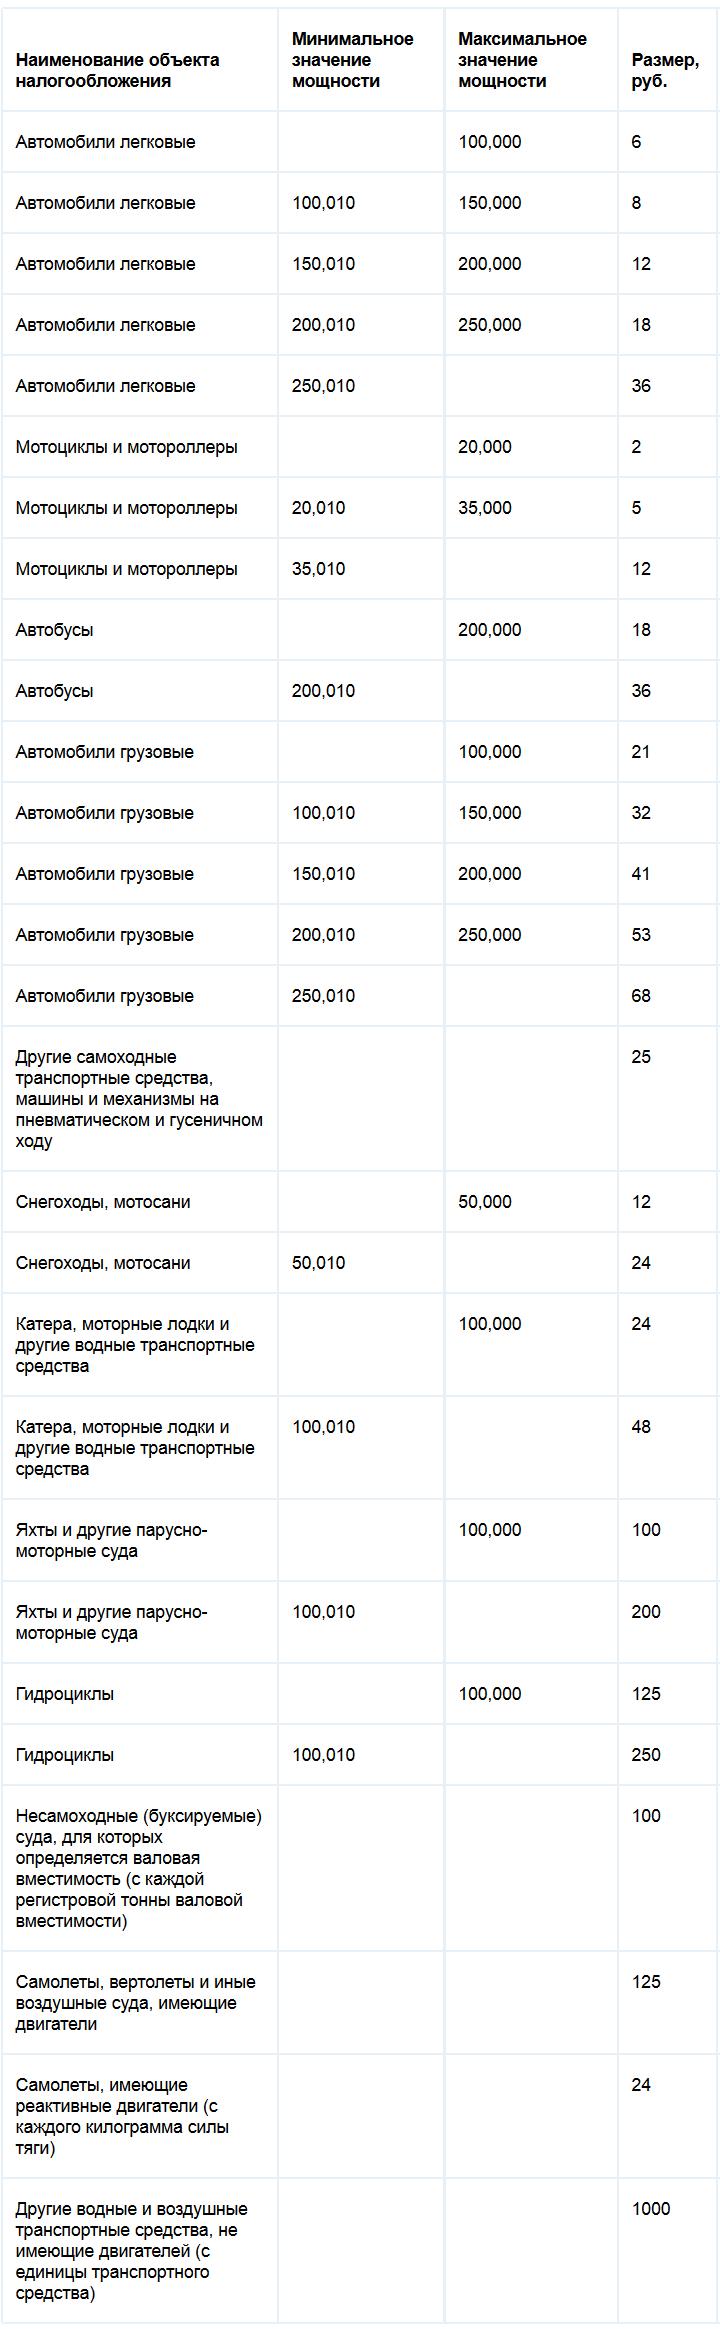 Ставки транспортного налога Магаданской области